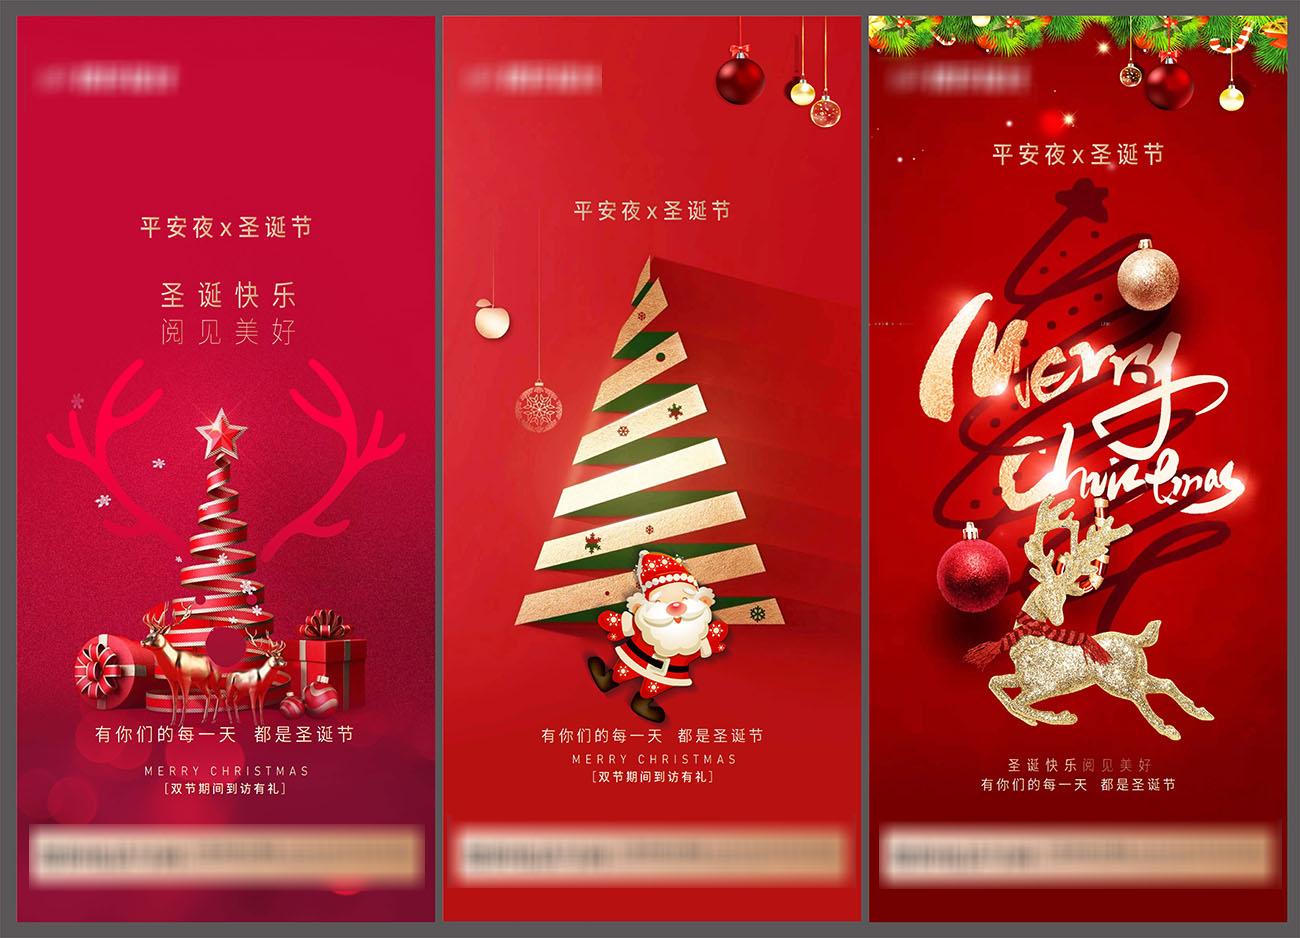 房地产圣诞节平安夜海报PSD源文件插图